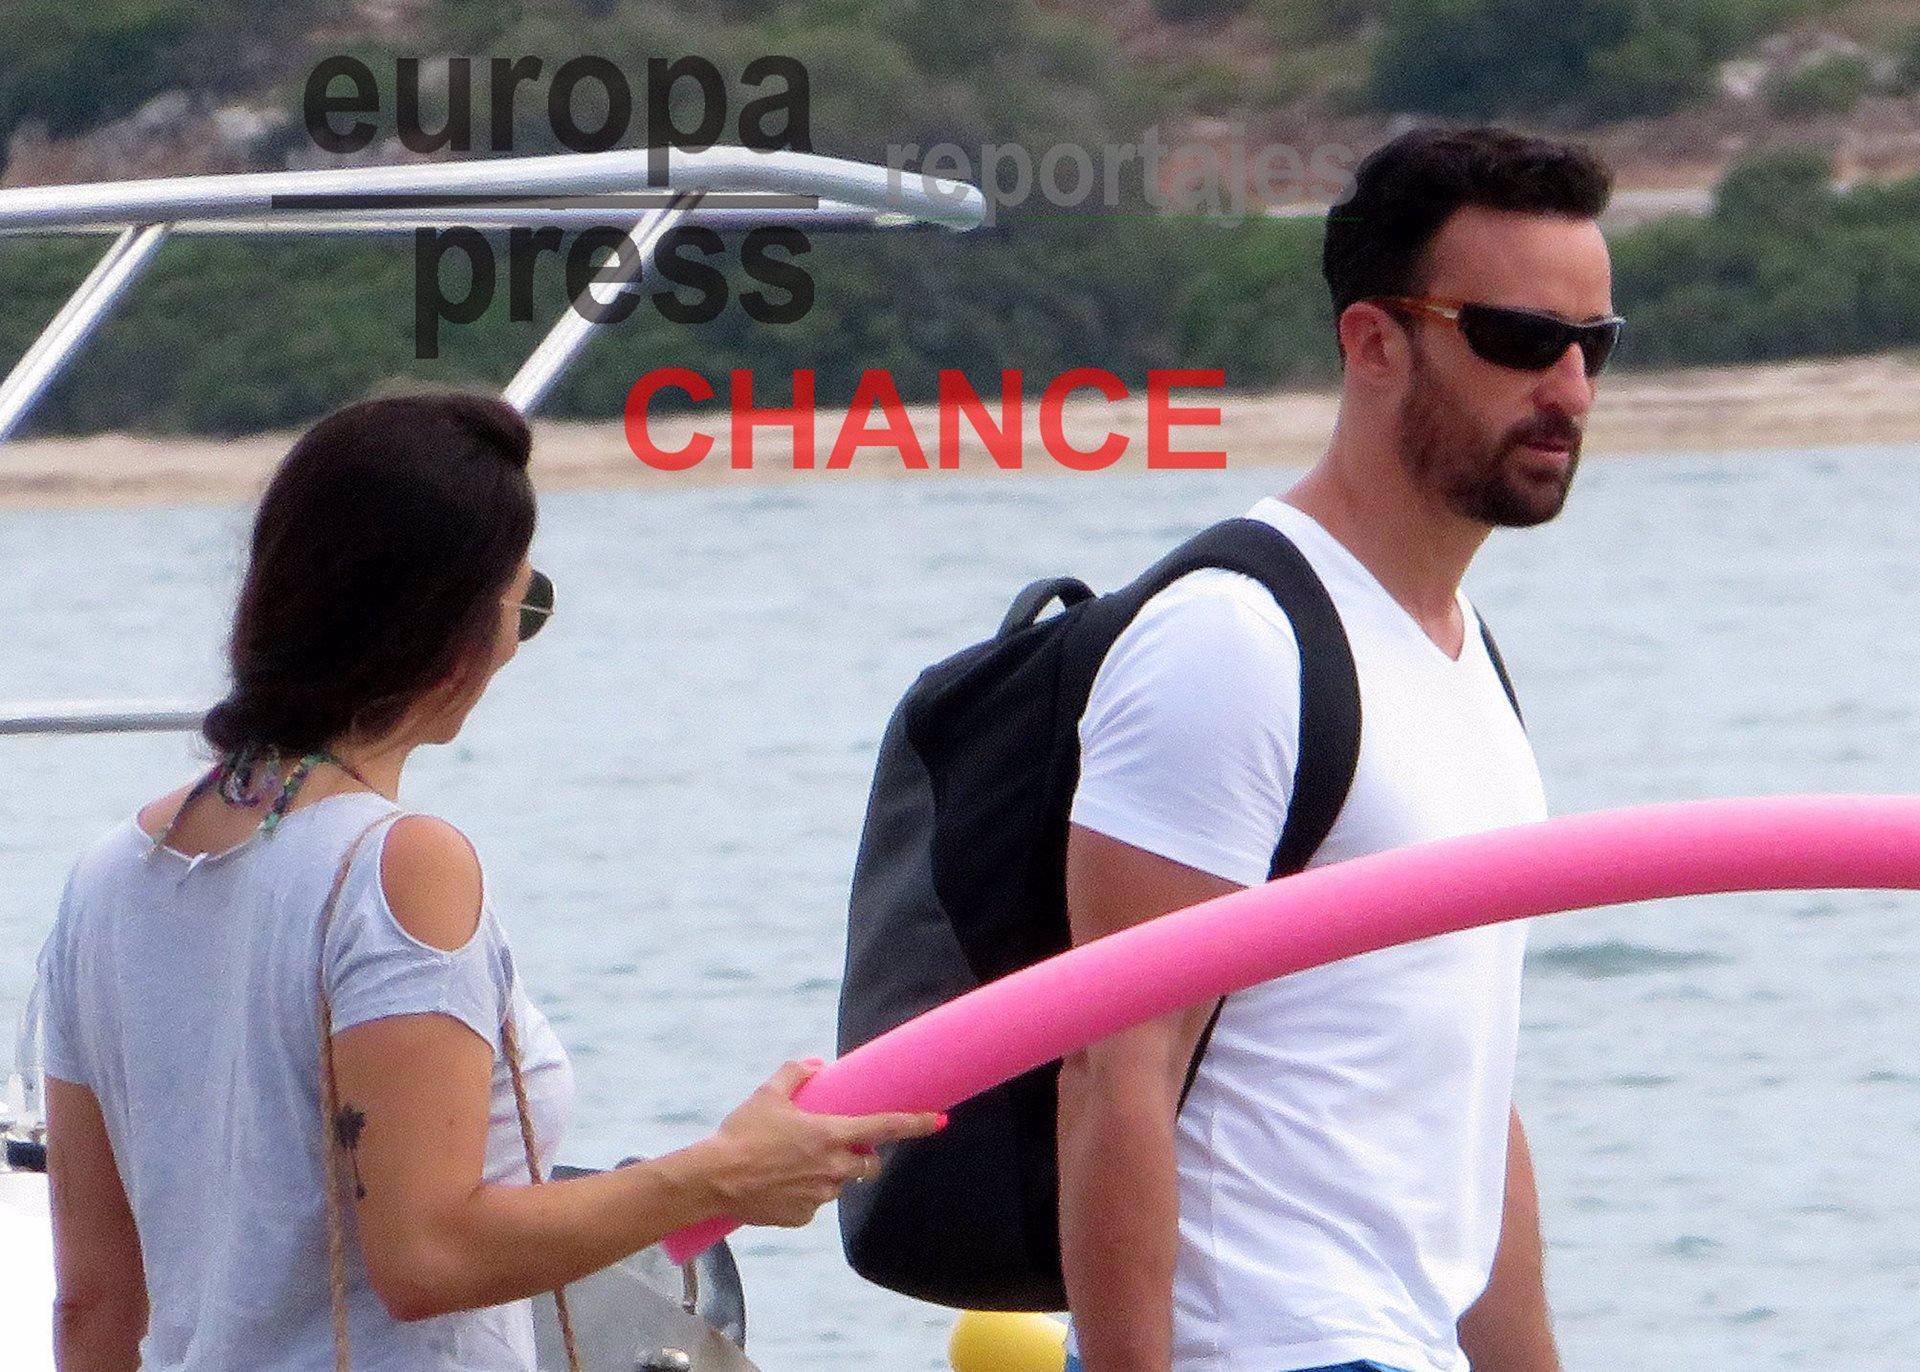 Exclusiva: Irene Junquera y Pablo Puyol pasean su amor por Mallorca